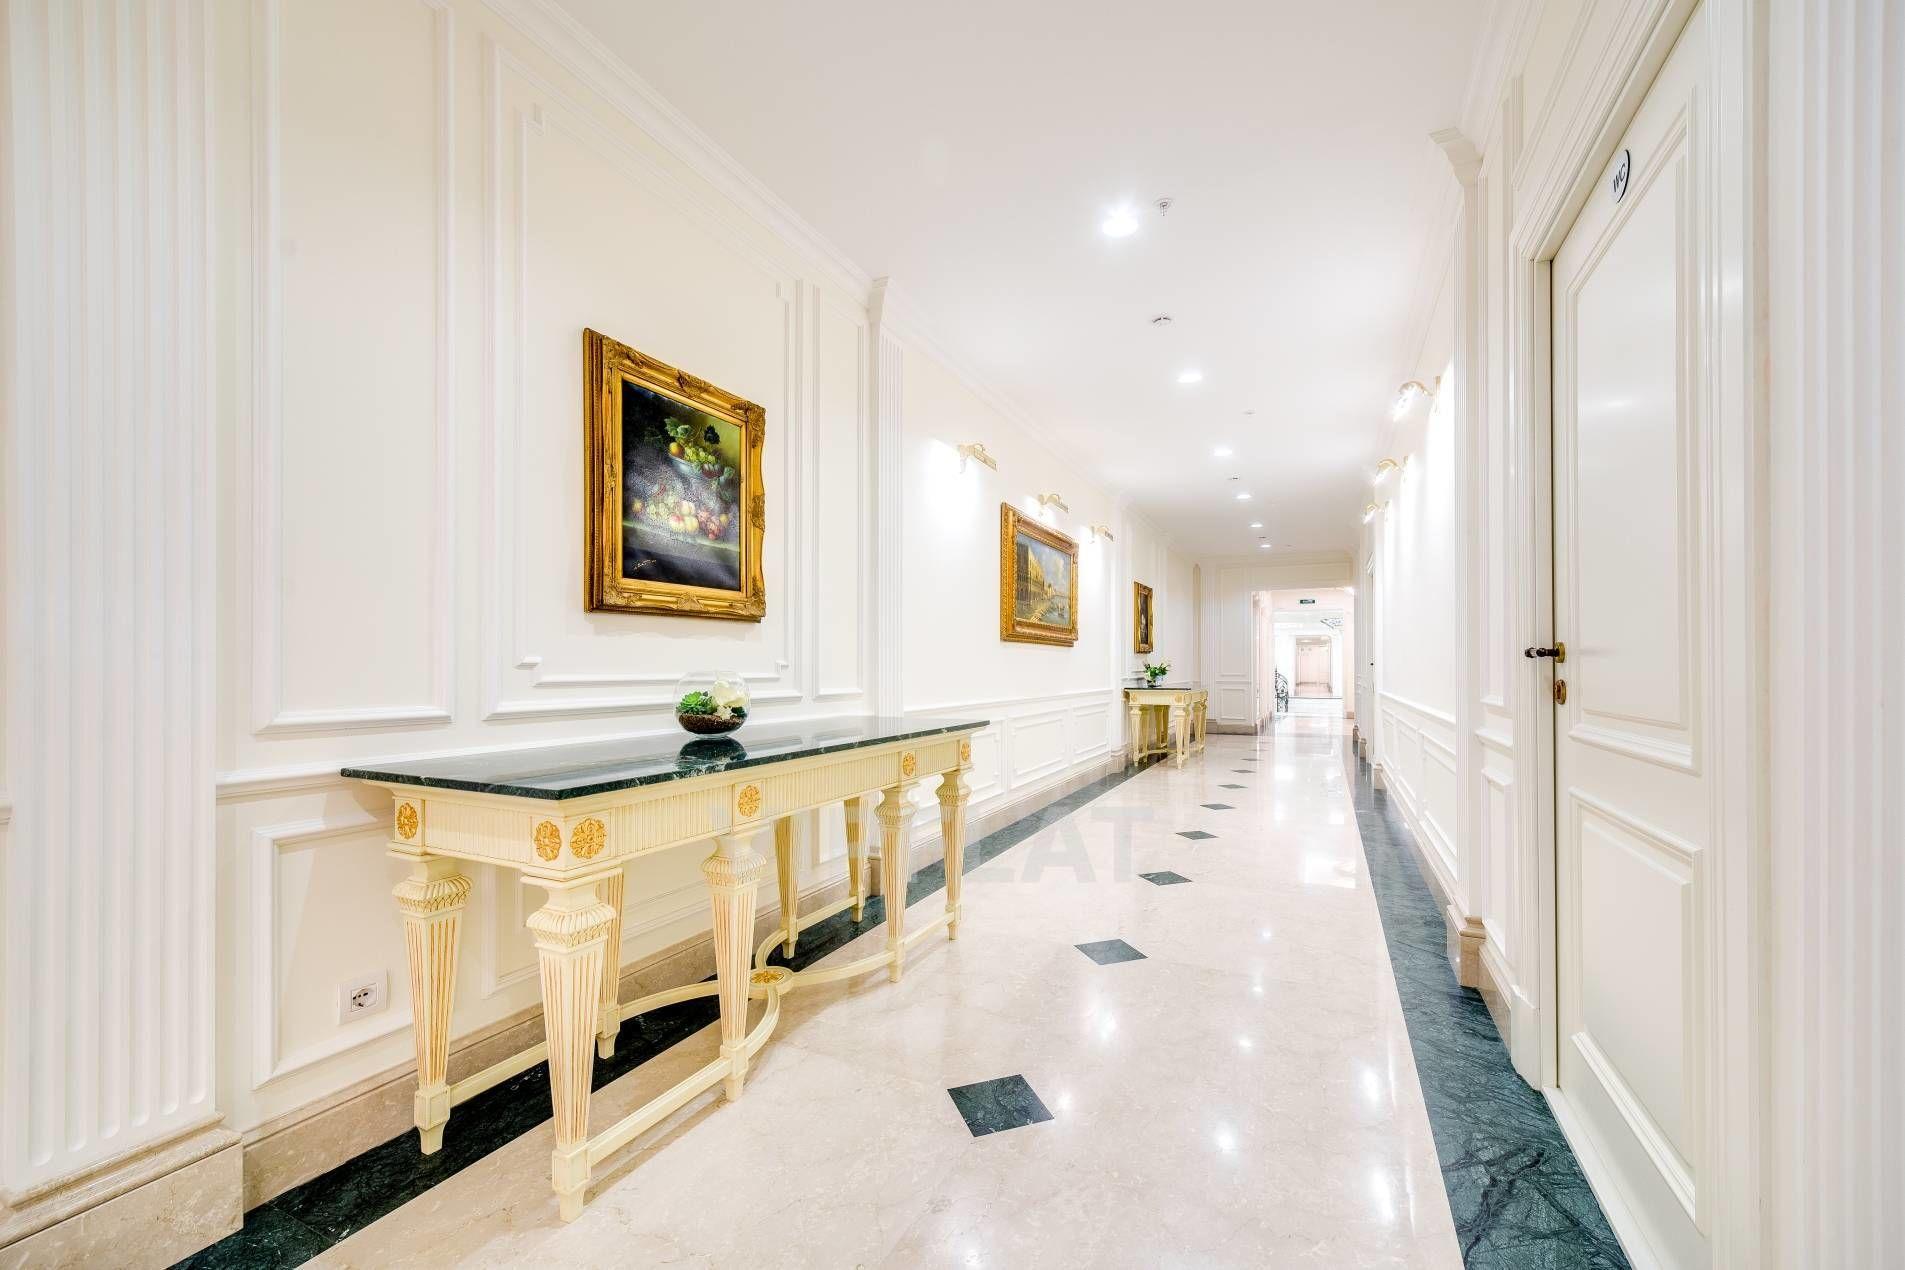 Продажа элитных квартир Санкт-Петербурга. Фонтанки наб., 76, лит. А Светлые холлы